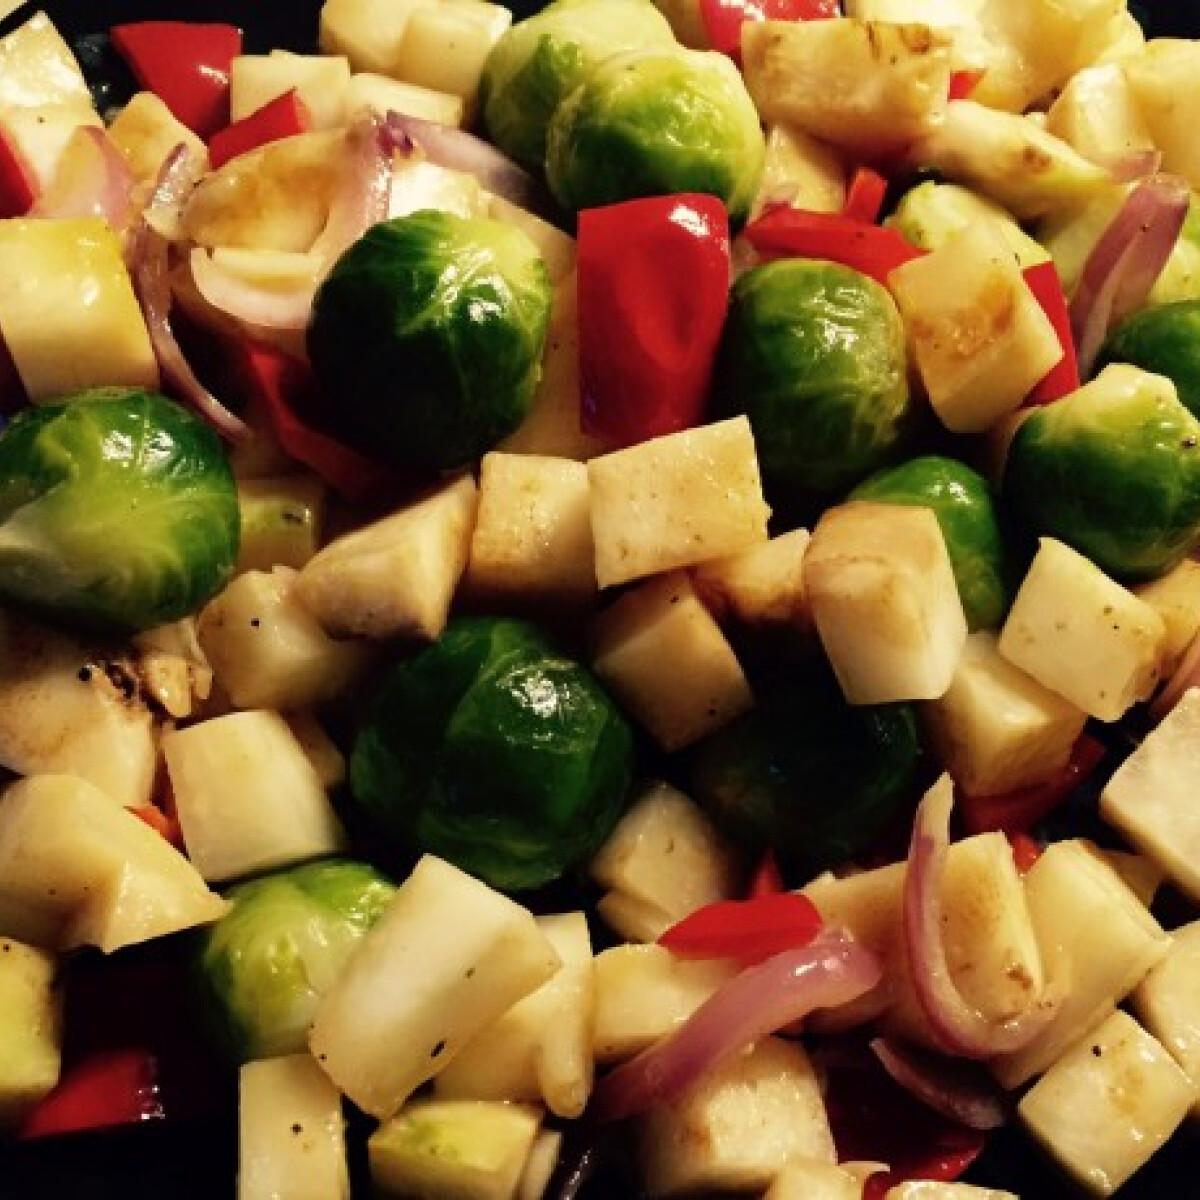 Fickós serpenyős zöldség nem csak pasiknak